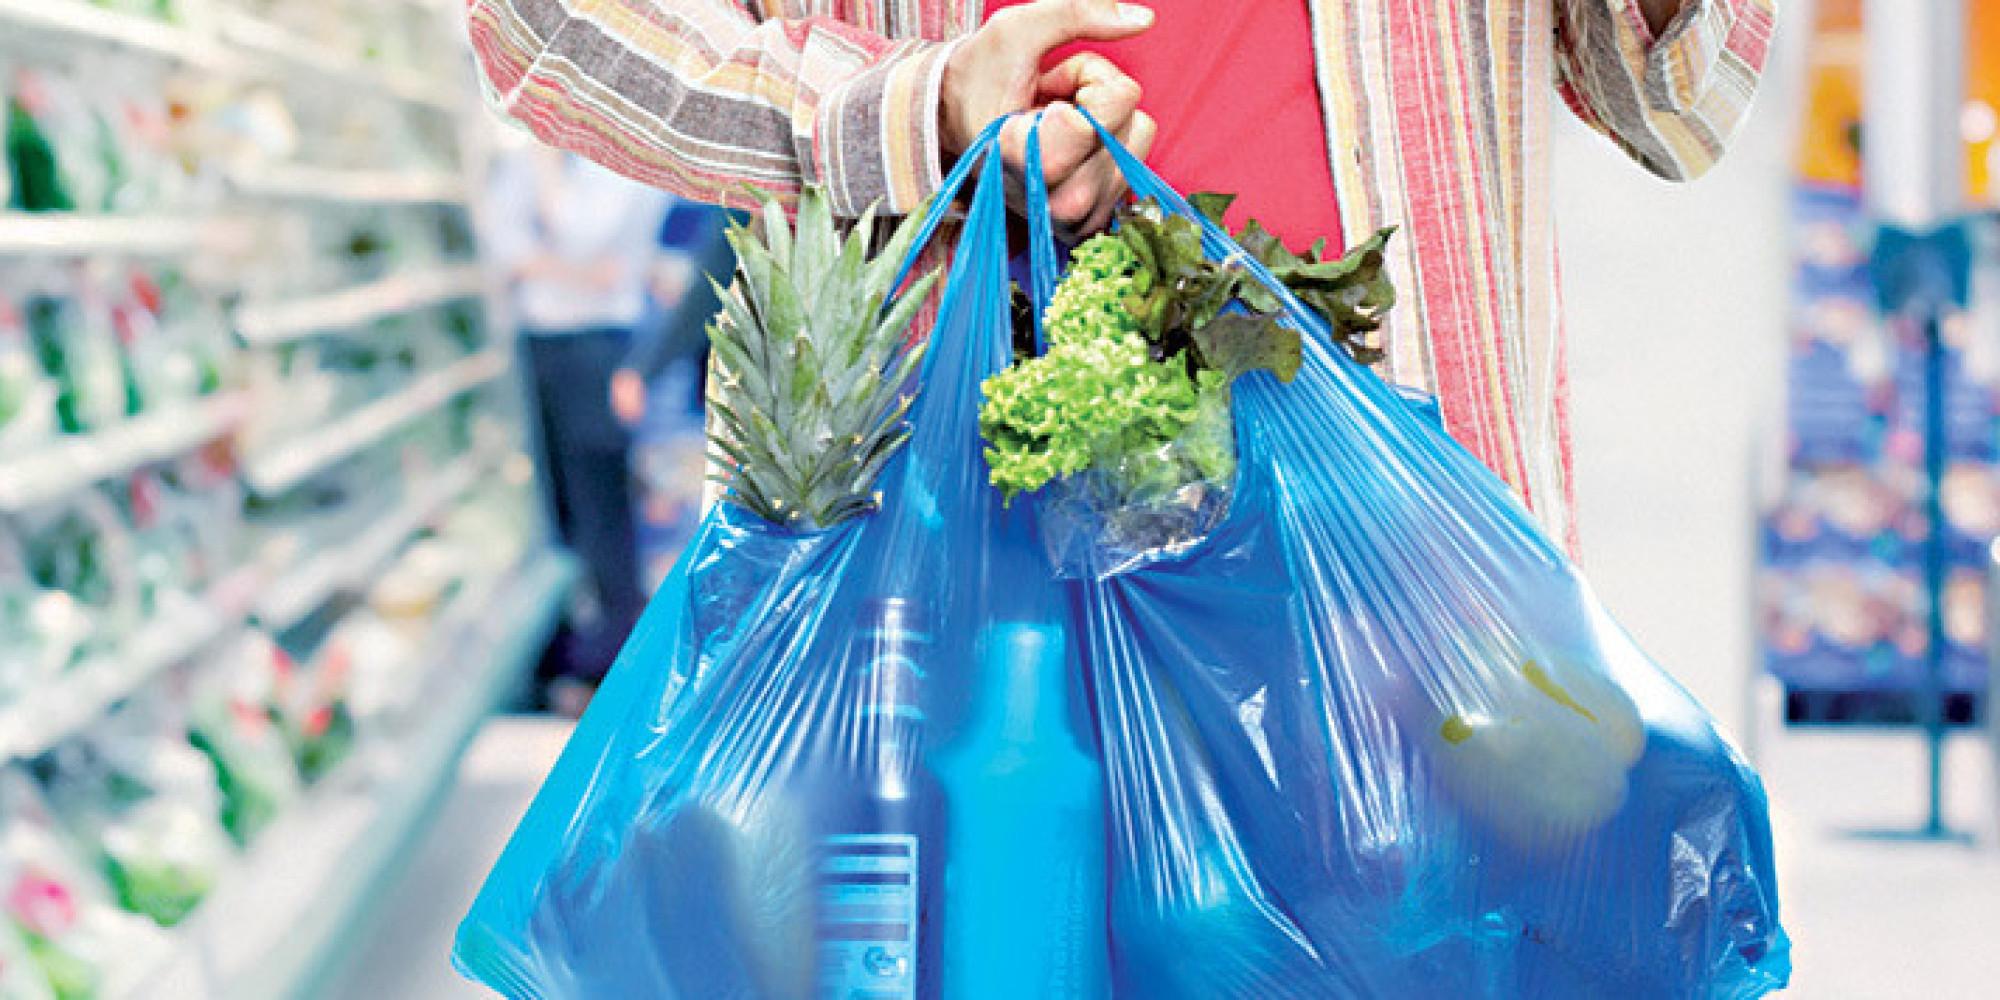 Fabrication de sacs en plastique : Grosse opération coup de poing de l'Intérieur